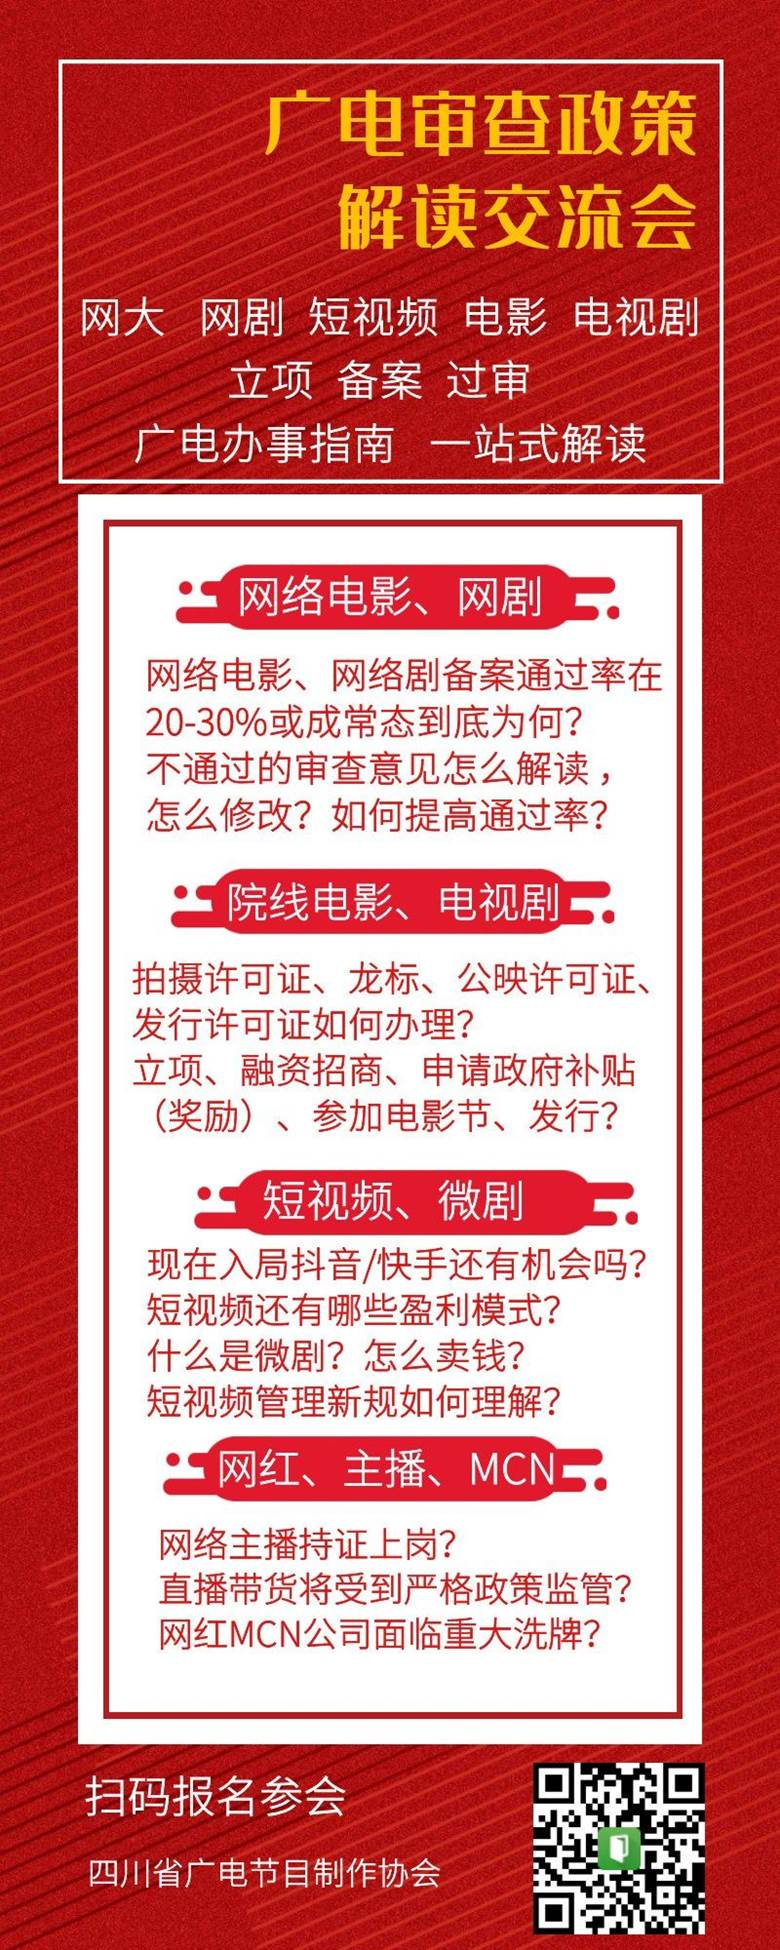 广电审查政策解读交流会.png